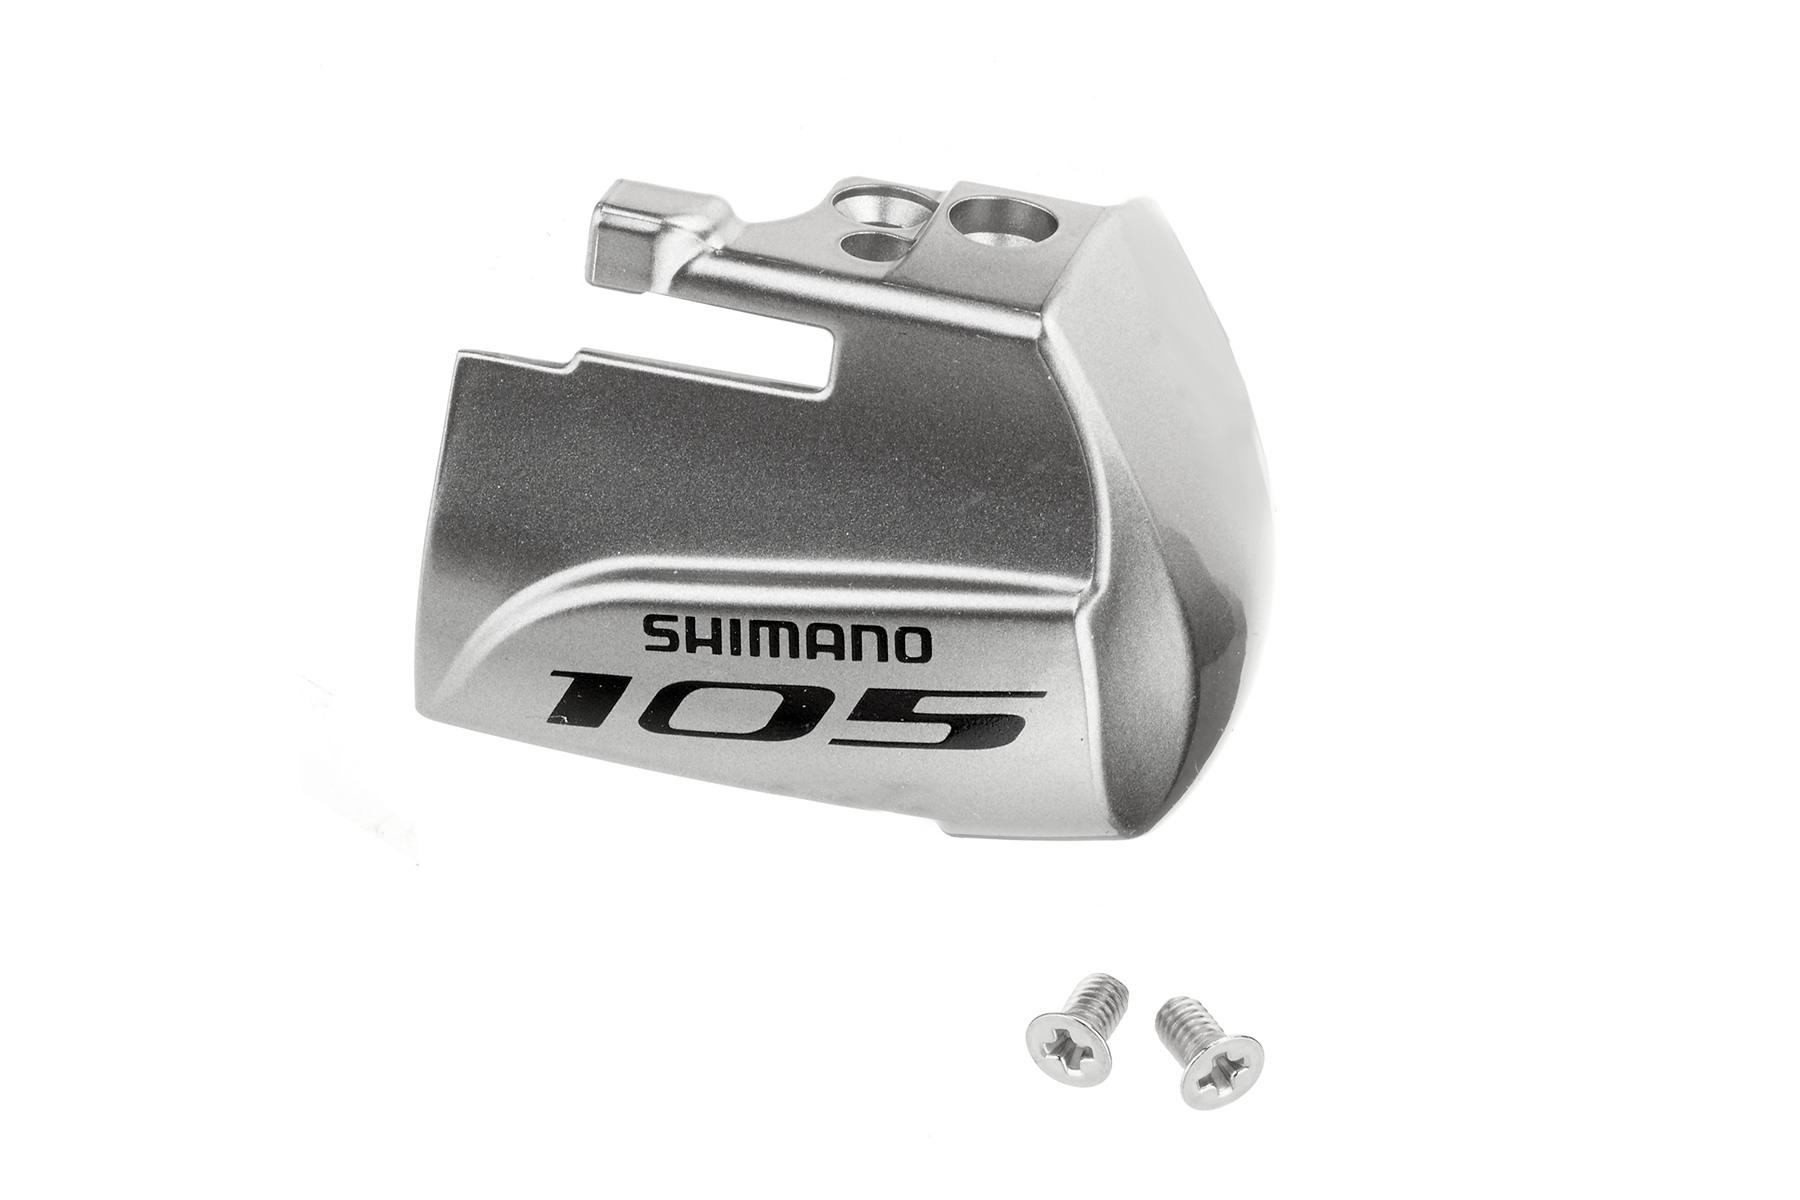 SHIMANO 105 Namensschild rechts für ST-5800